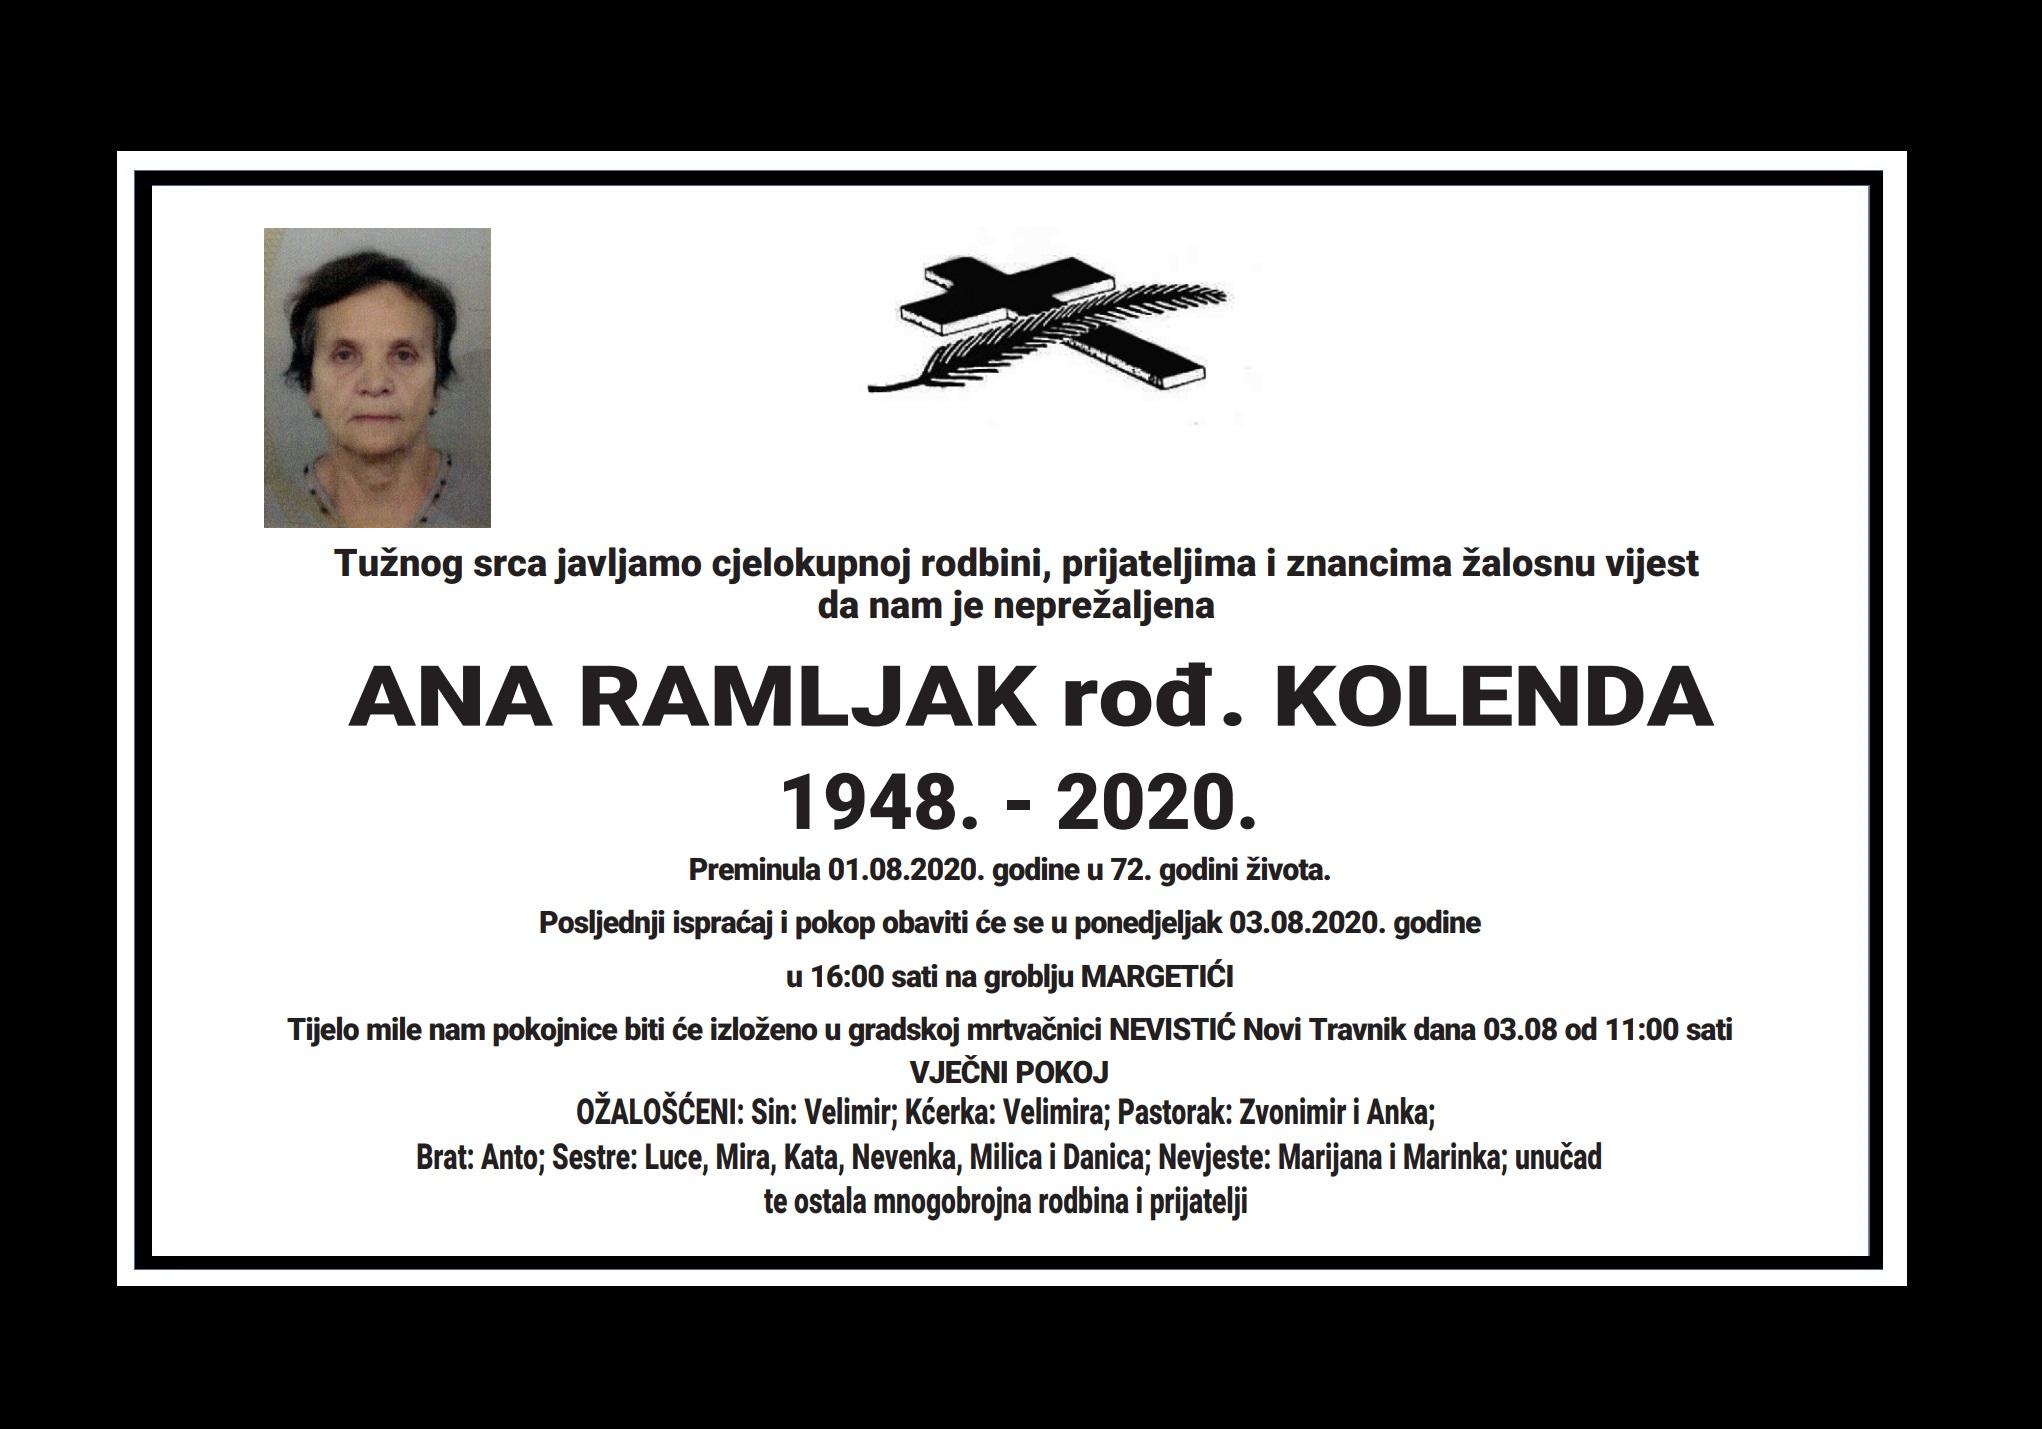 Ana Ramljak rođ. Kolenda